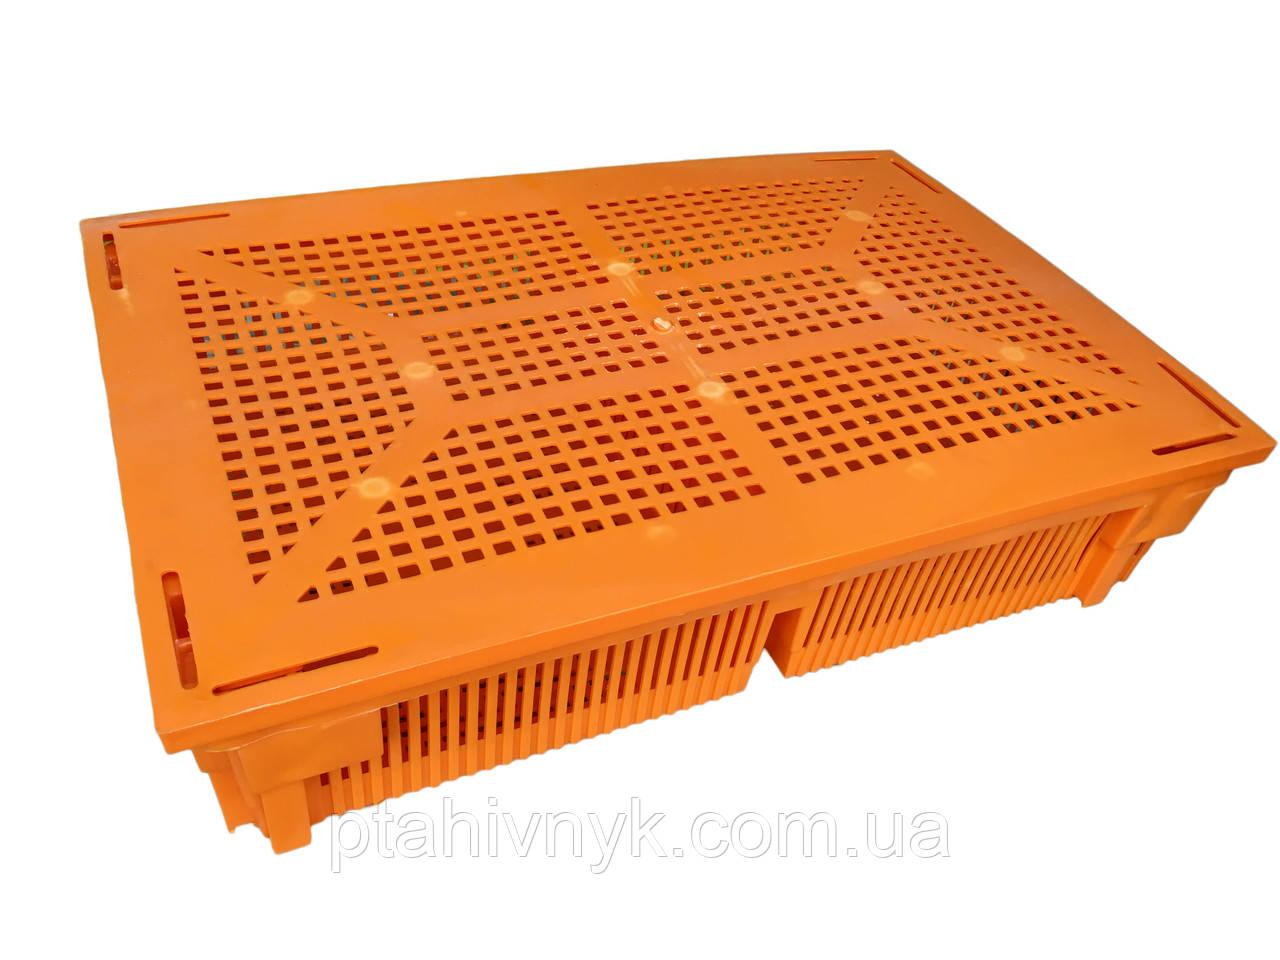 Крышка ящика для перевозки цыплят